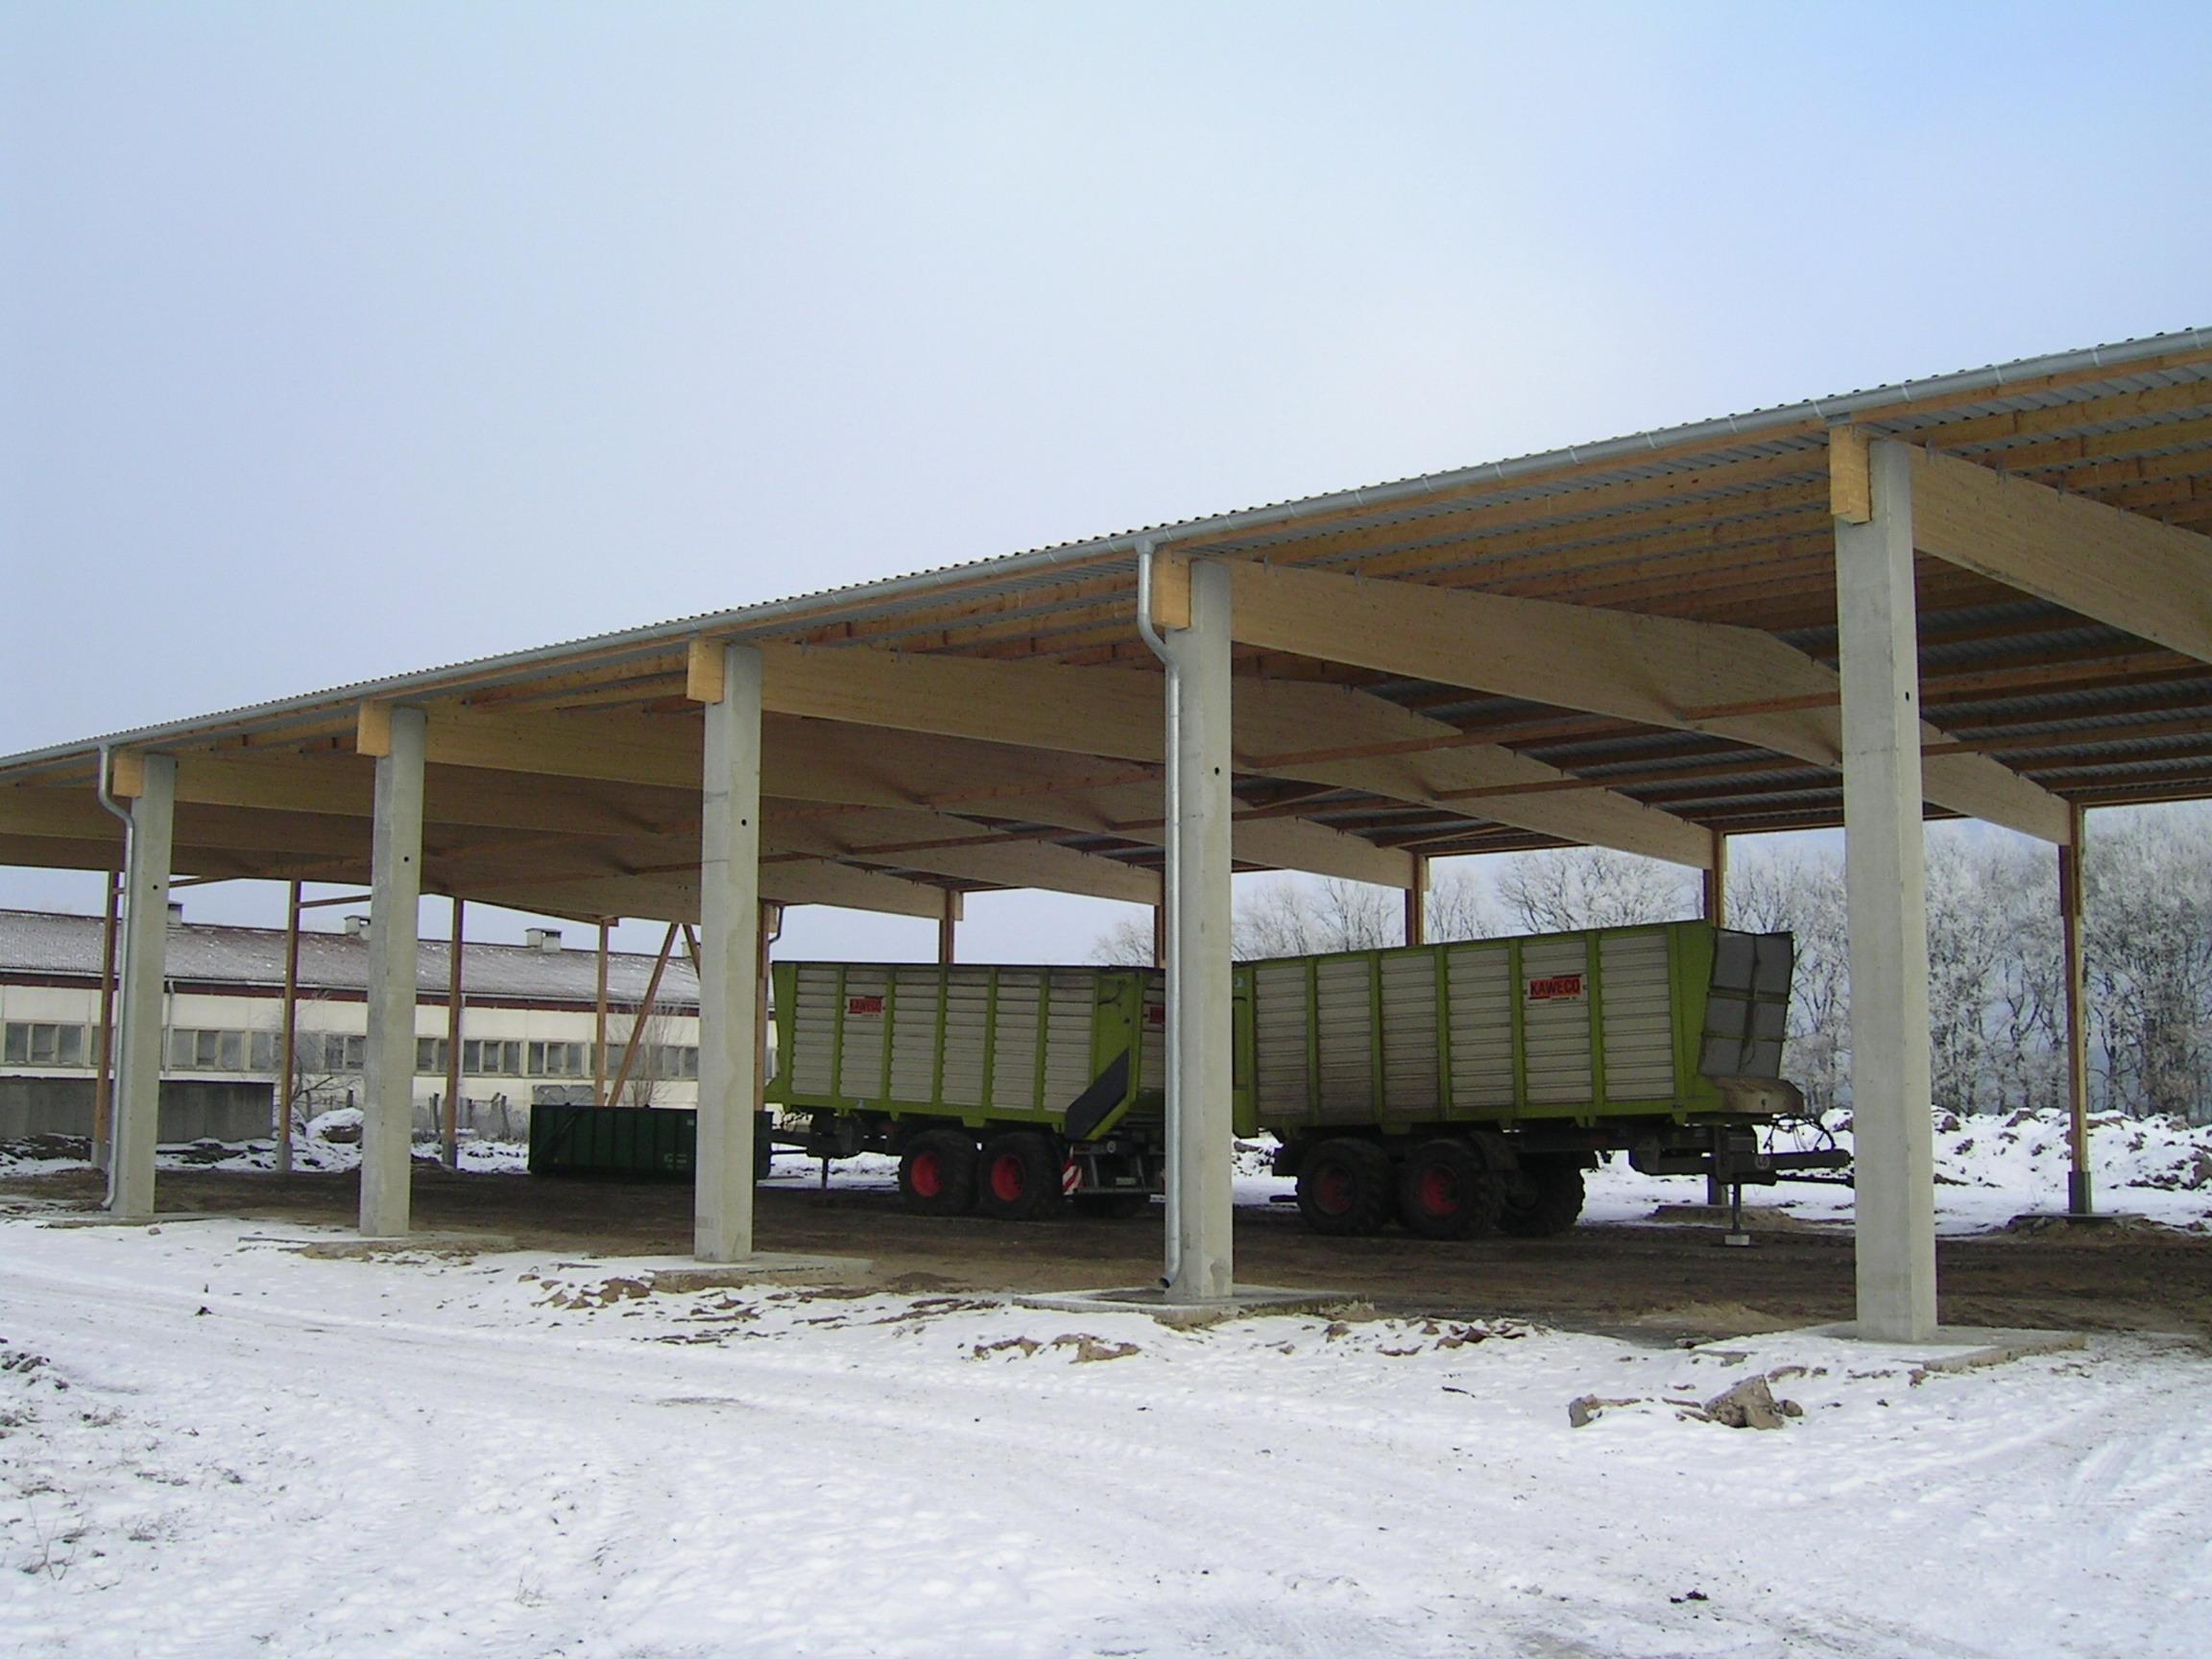 Satteldachbinder Strohlagerhalle Maschinenhalle